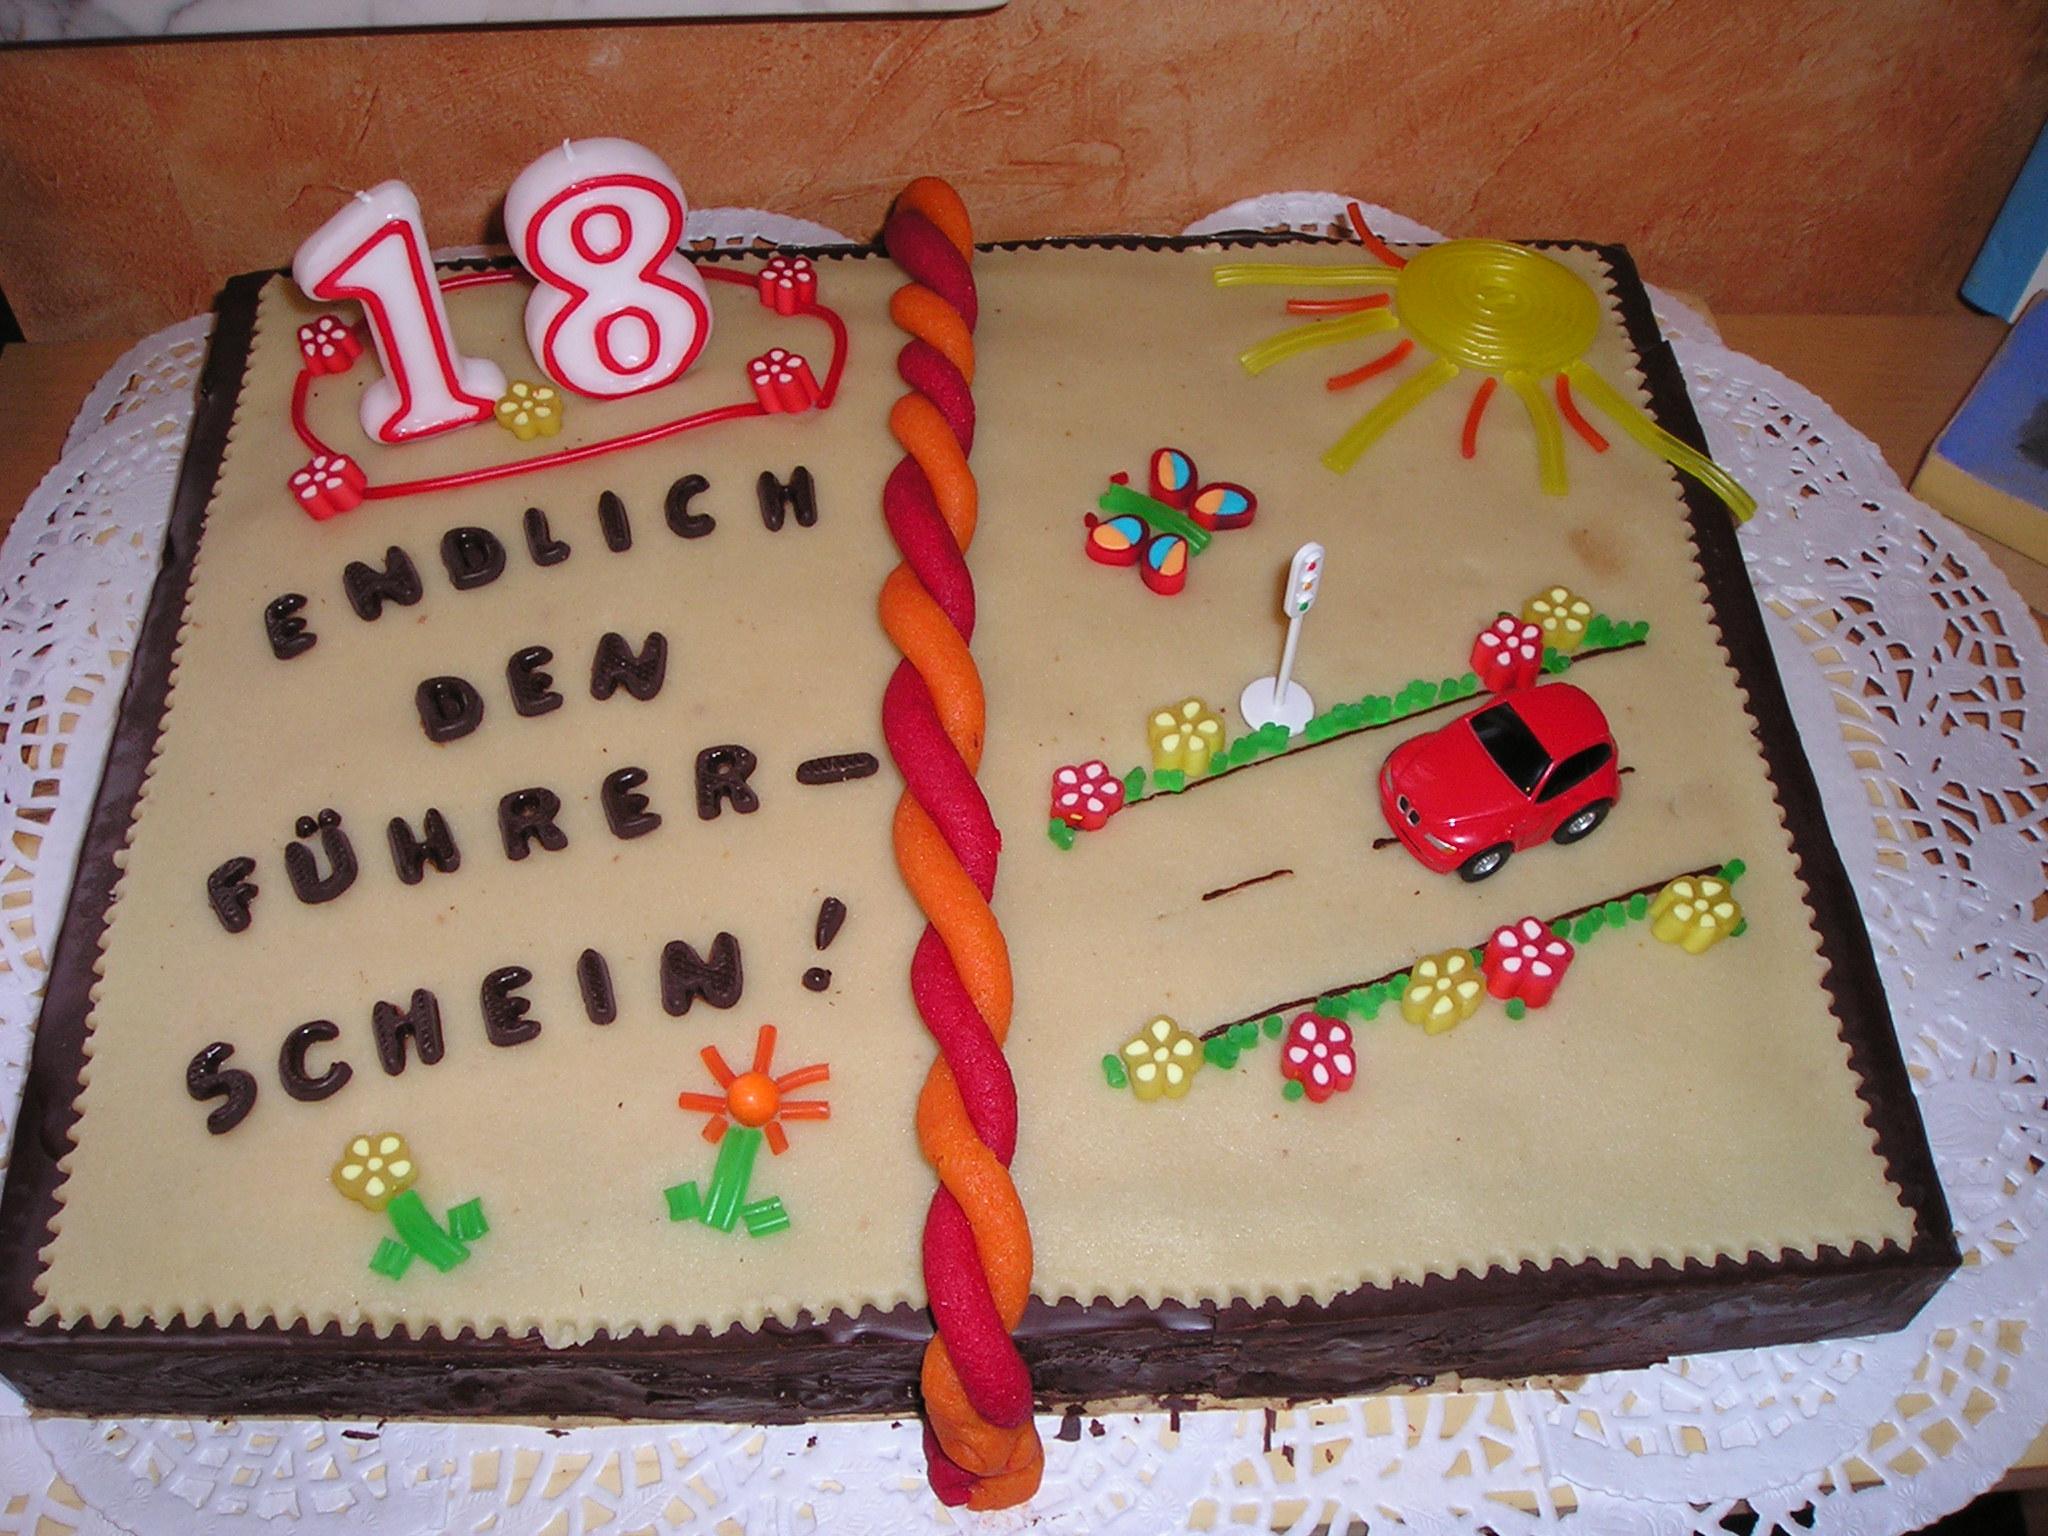 Geburtstag erwachsene 18 geburtstag f hrerschein for Kuchen 18 geburtstag